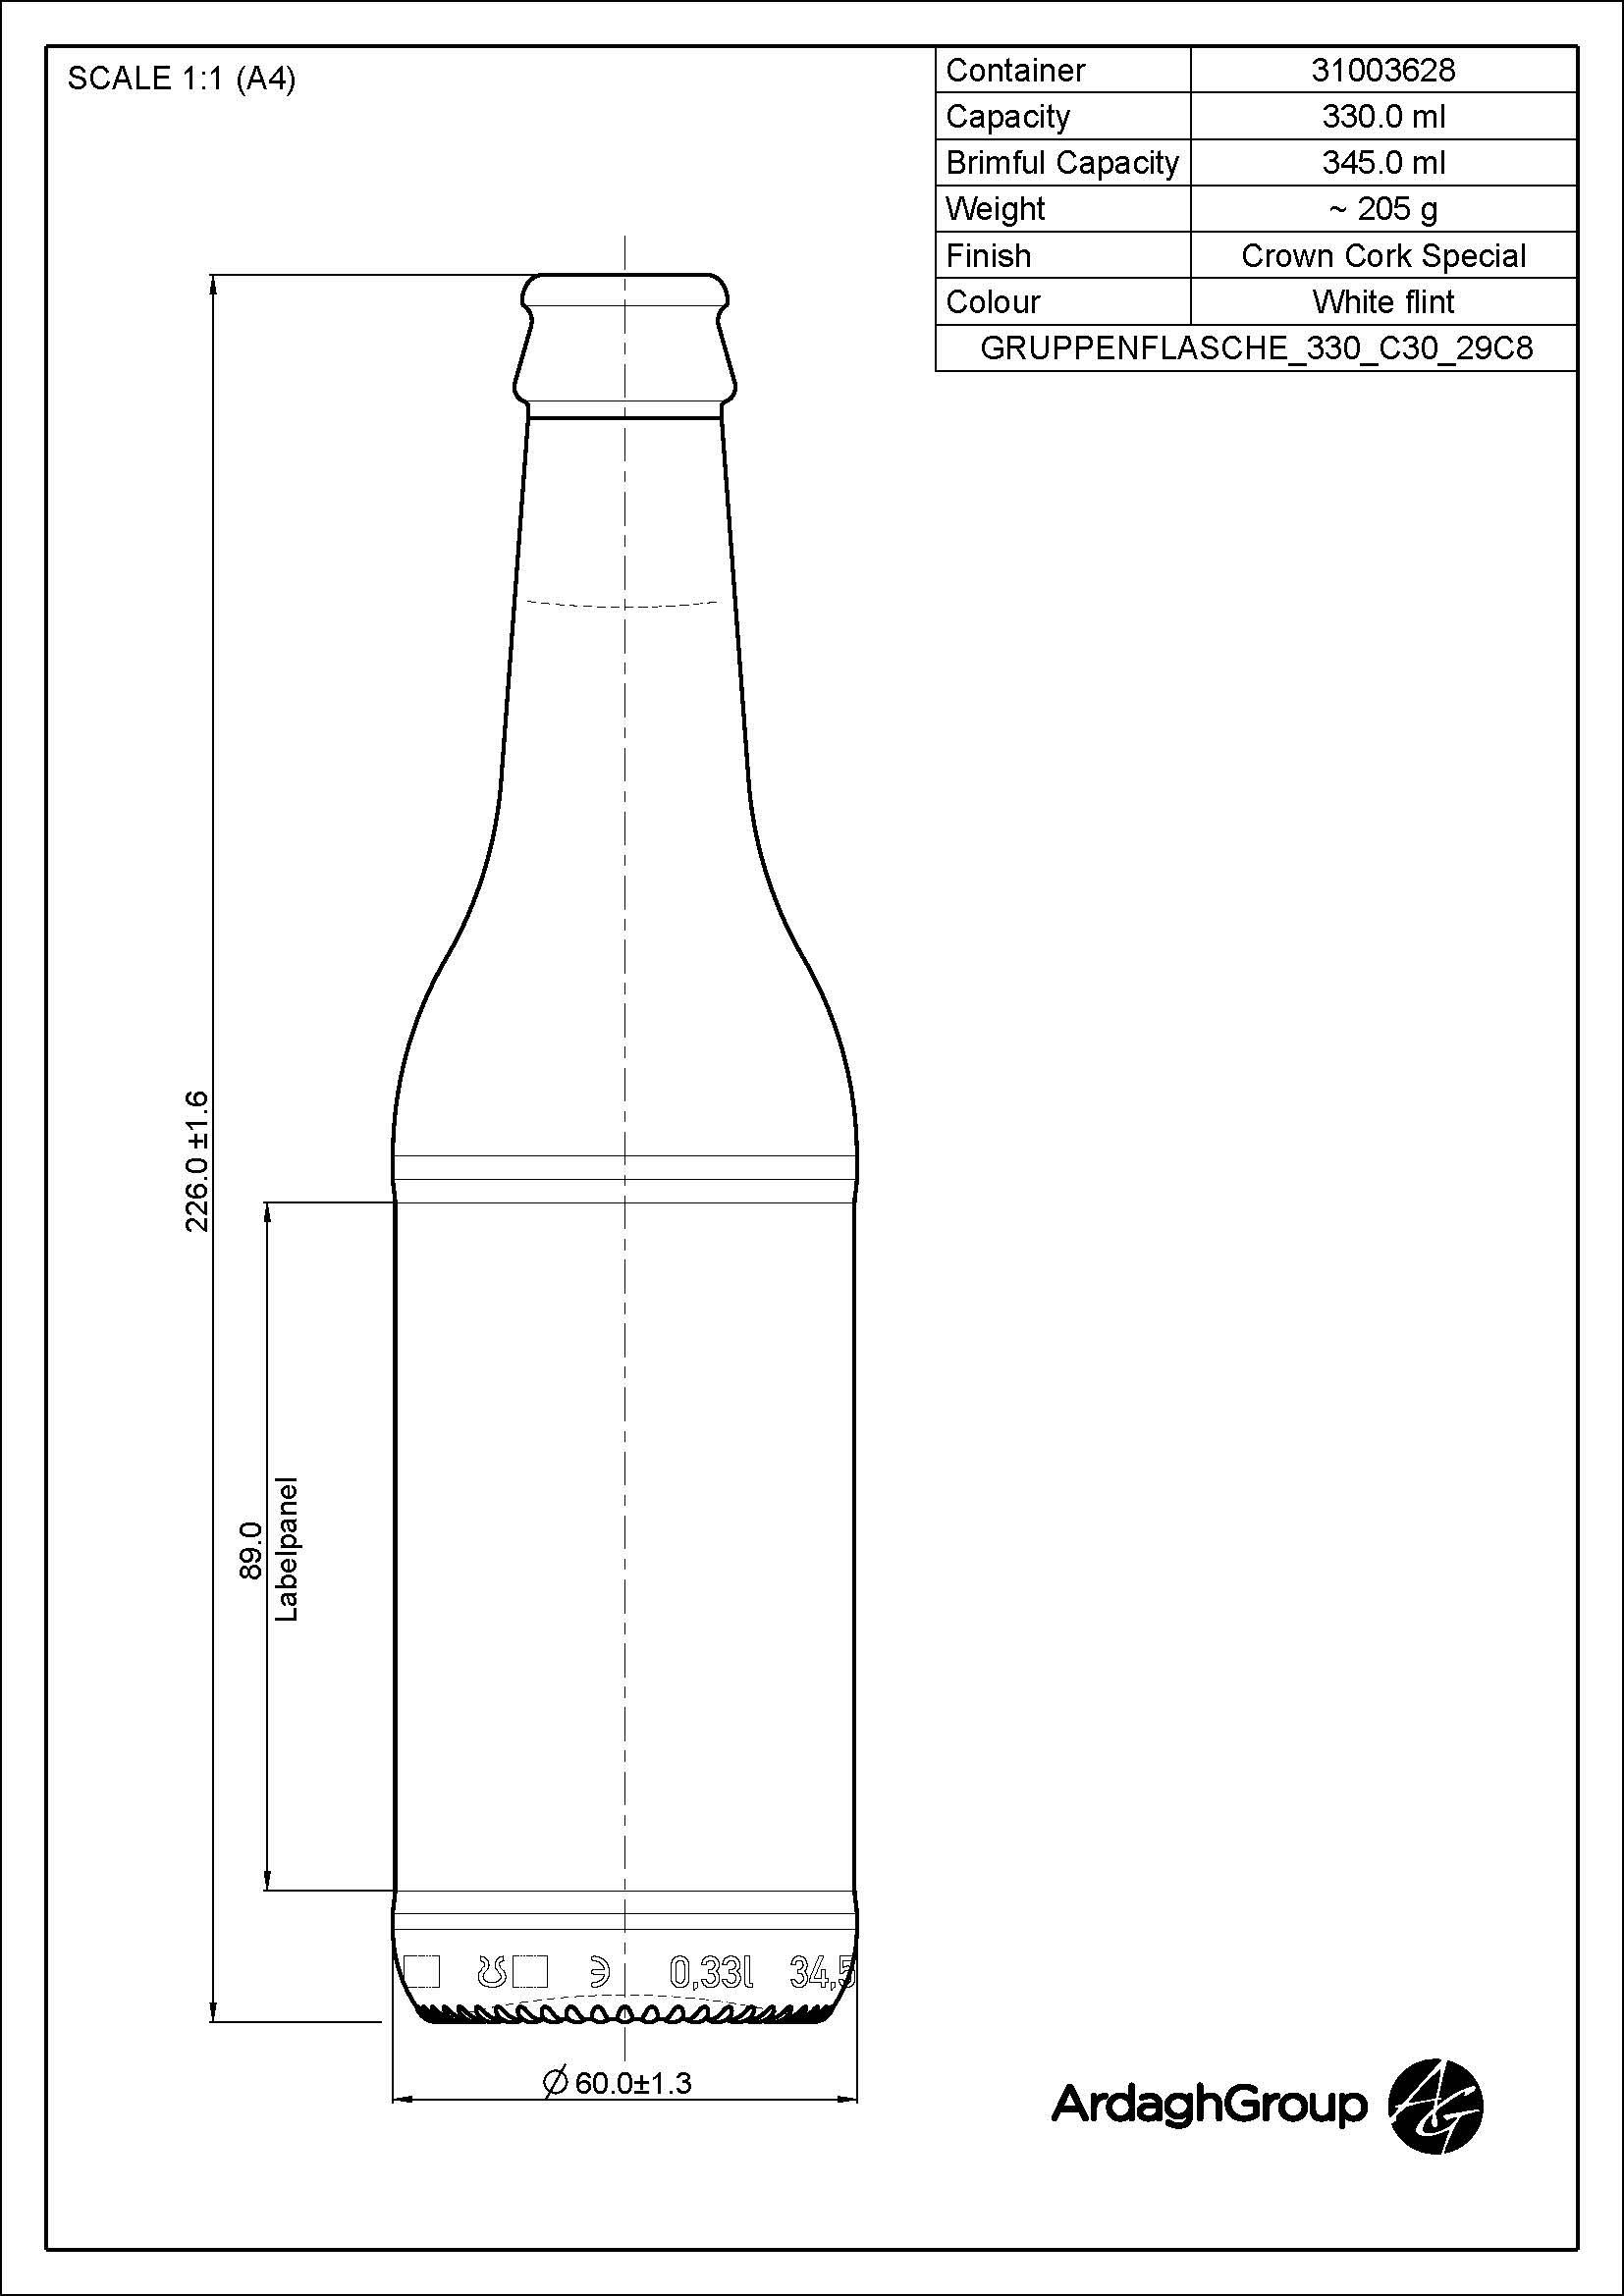 Gruppenflasche_330_CXX-29C8